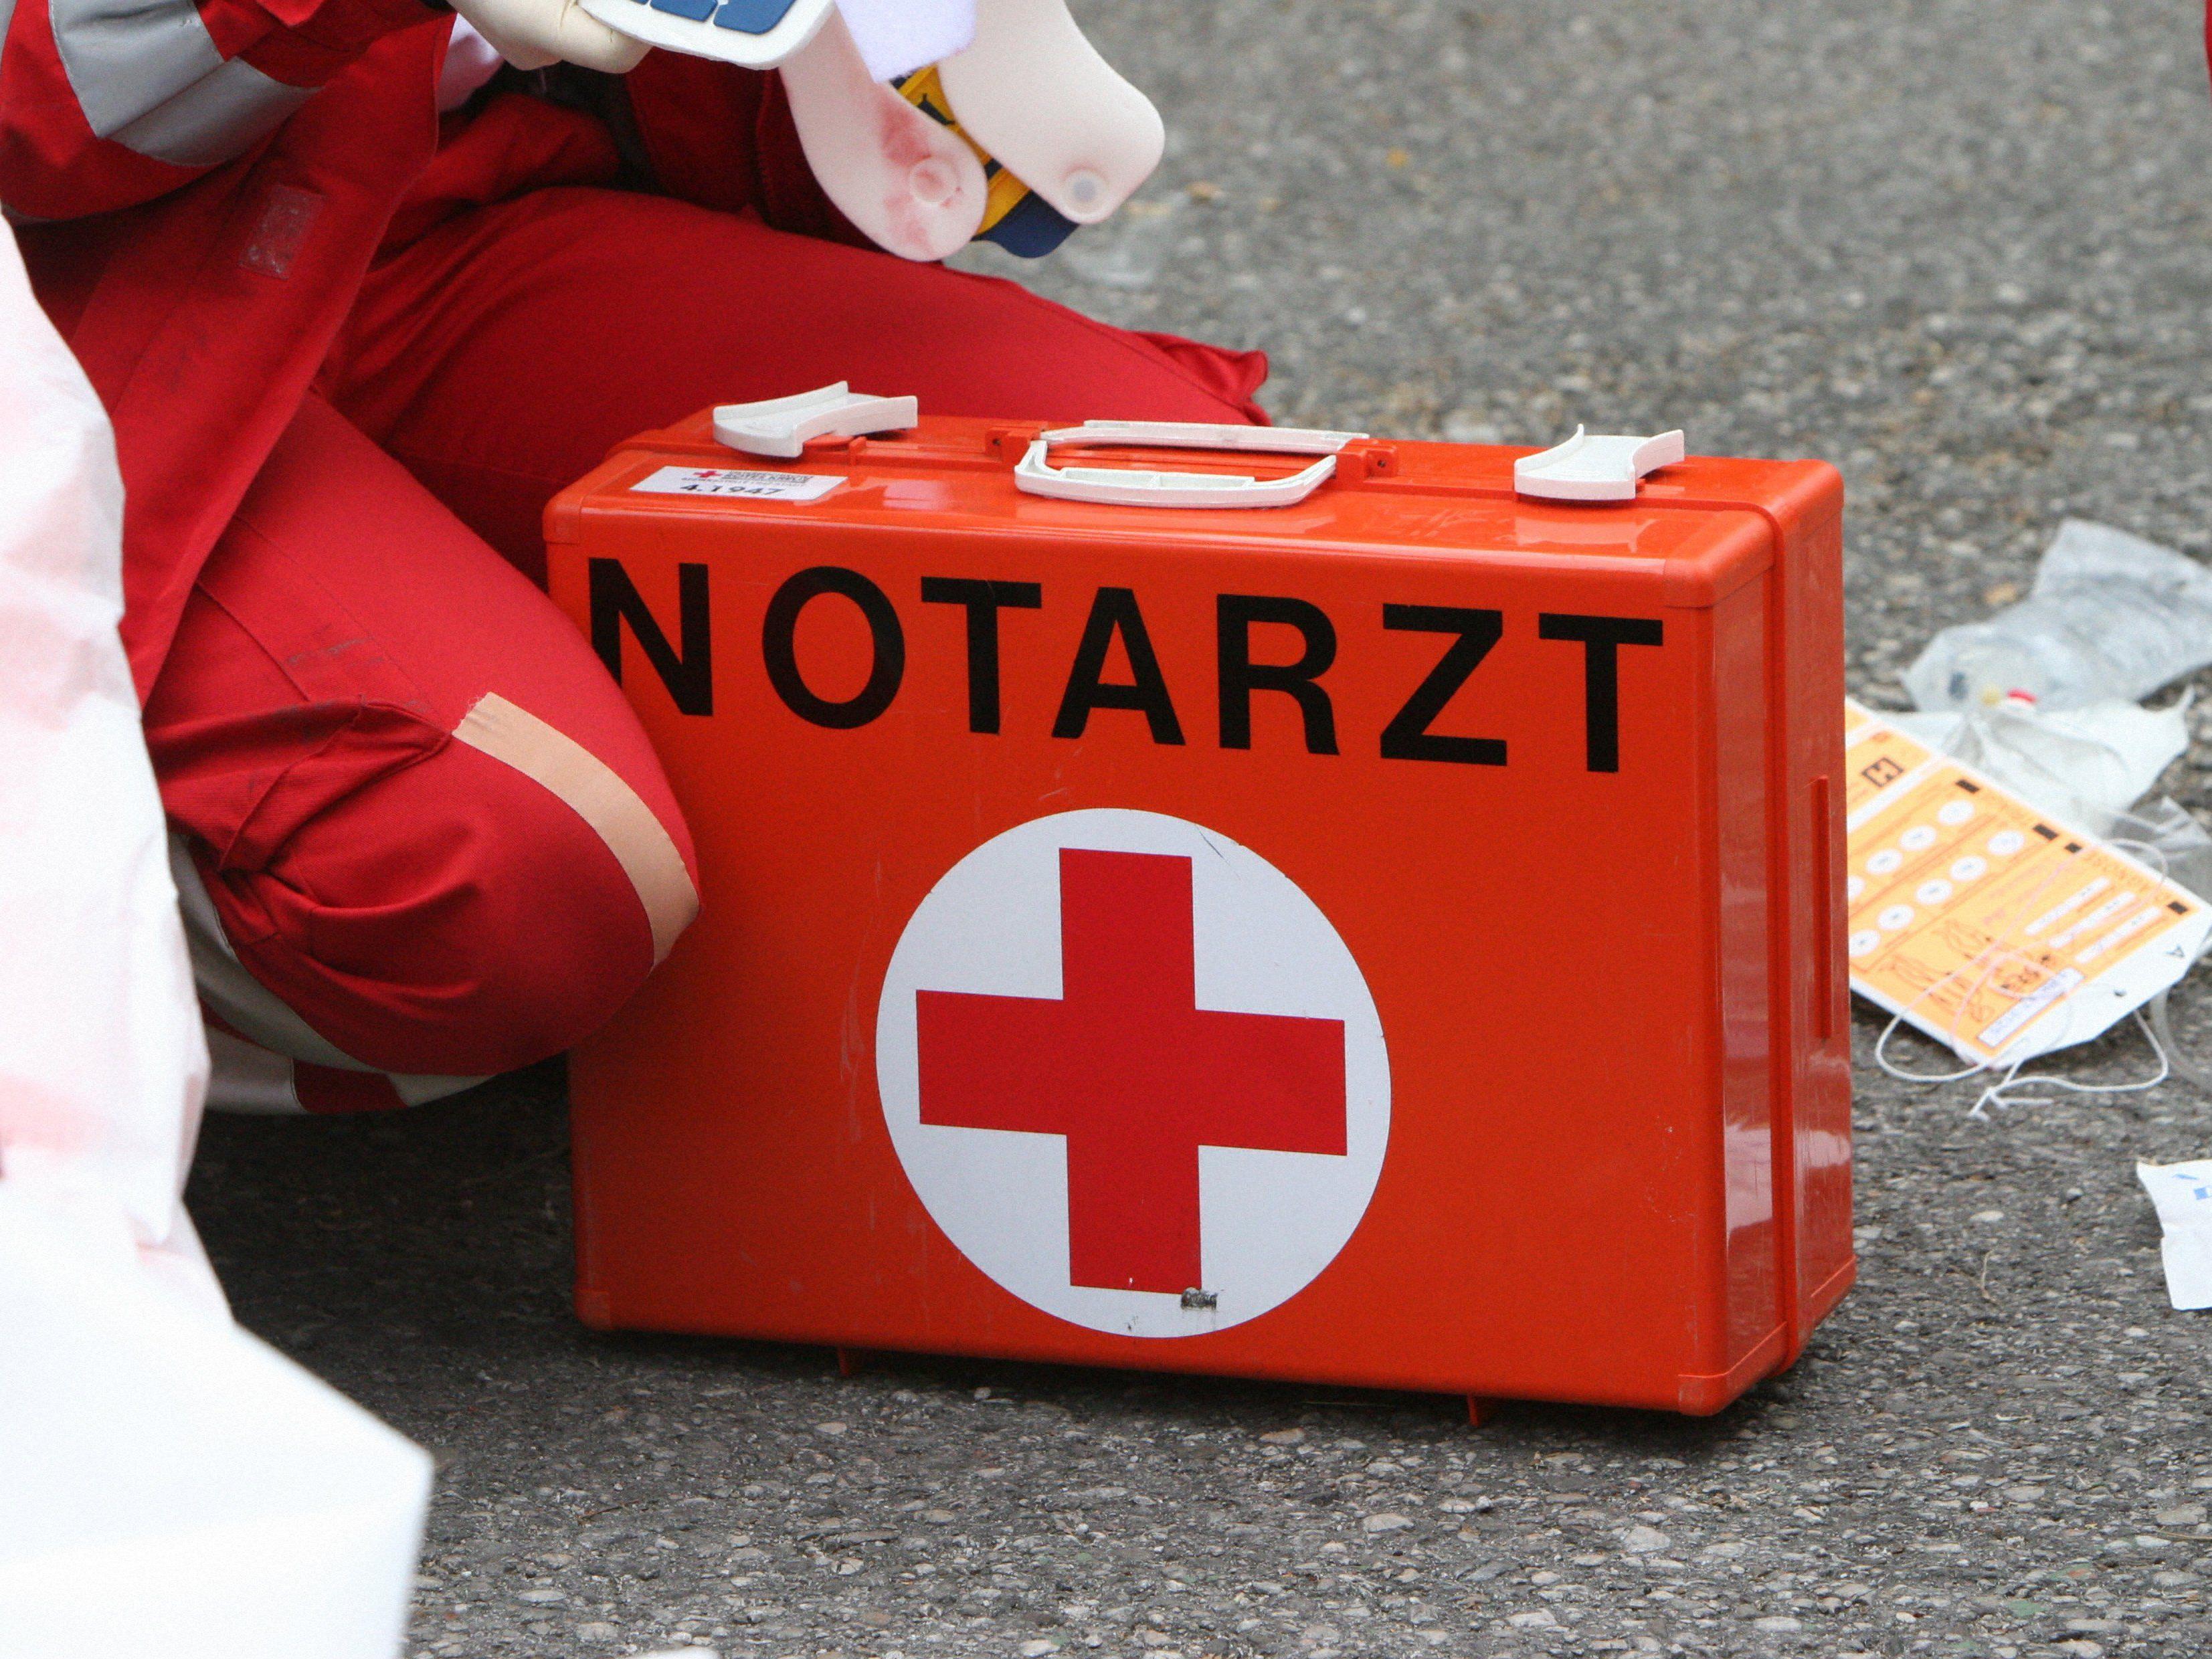 Bei einem riskanten Überholmanöver wurden zwei Männer im Bezirk Steyr schwer verletzt.